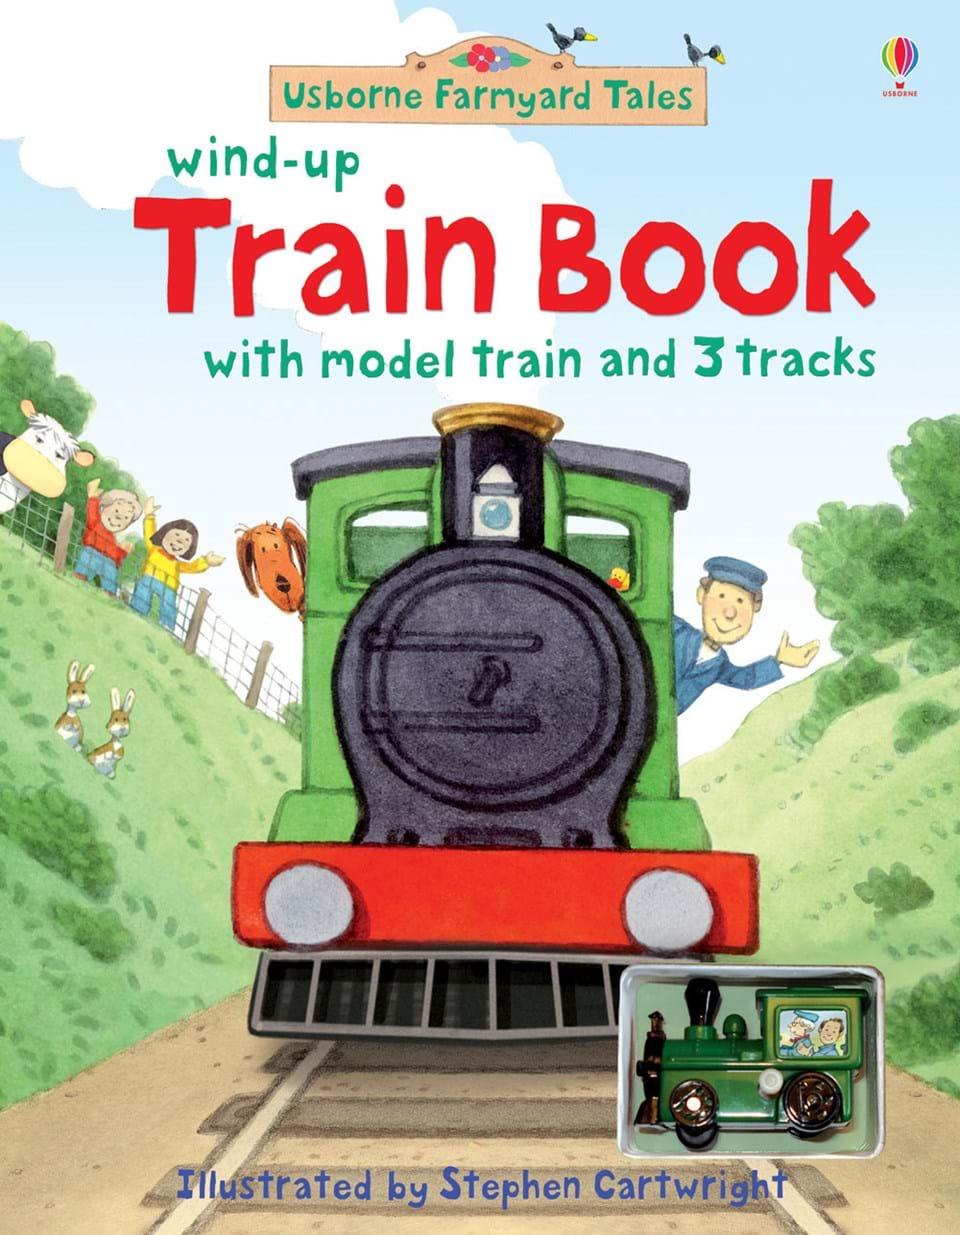 Farmyard-Tales-wind-up-train-book